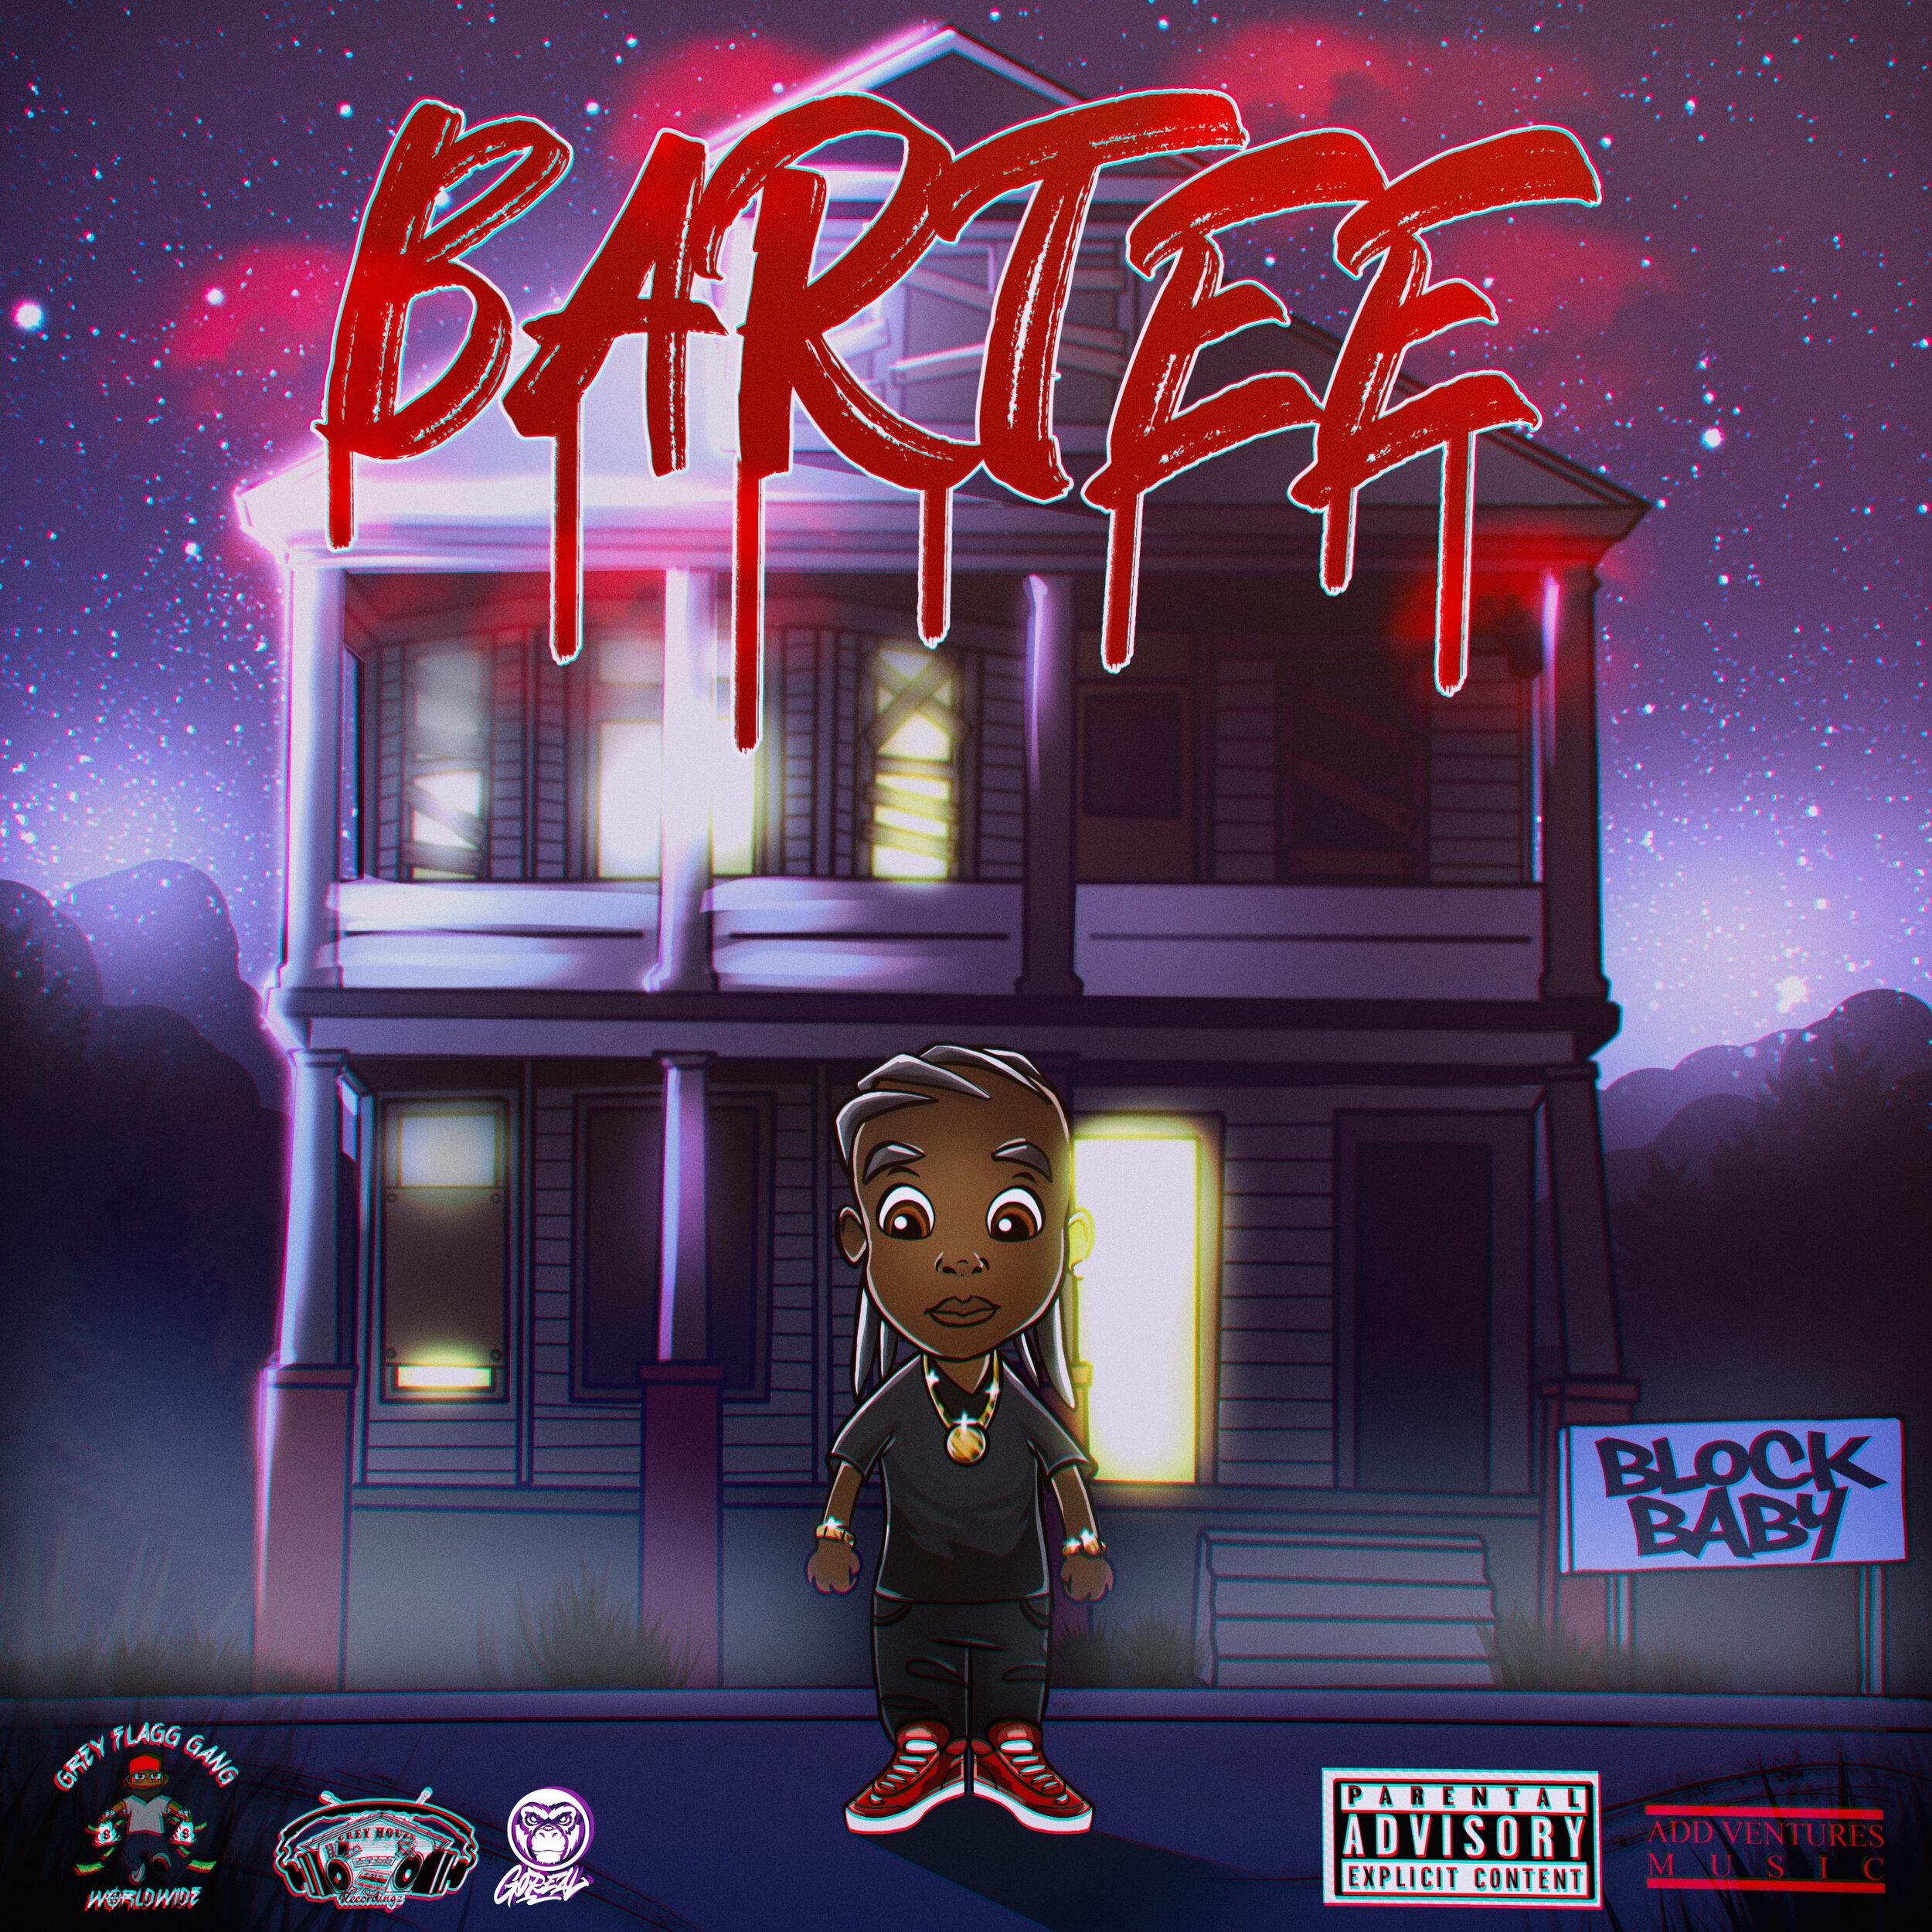 Bartee -Block Baby -  Expliciit Album Front.JPG